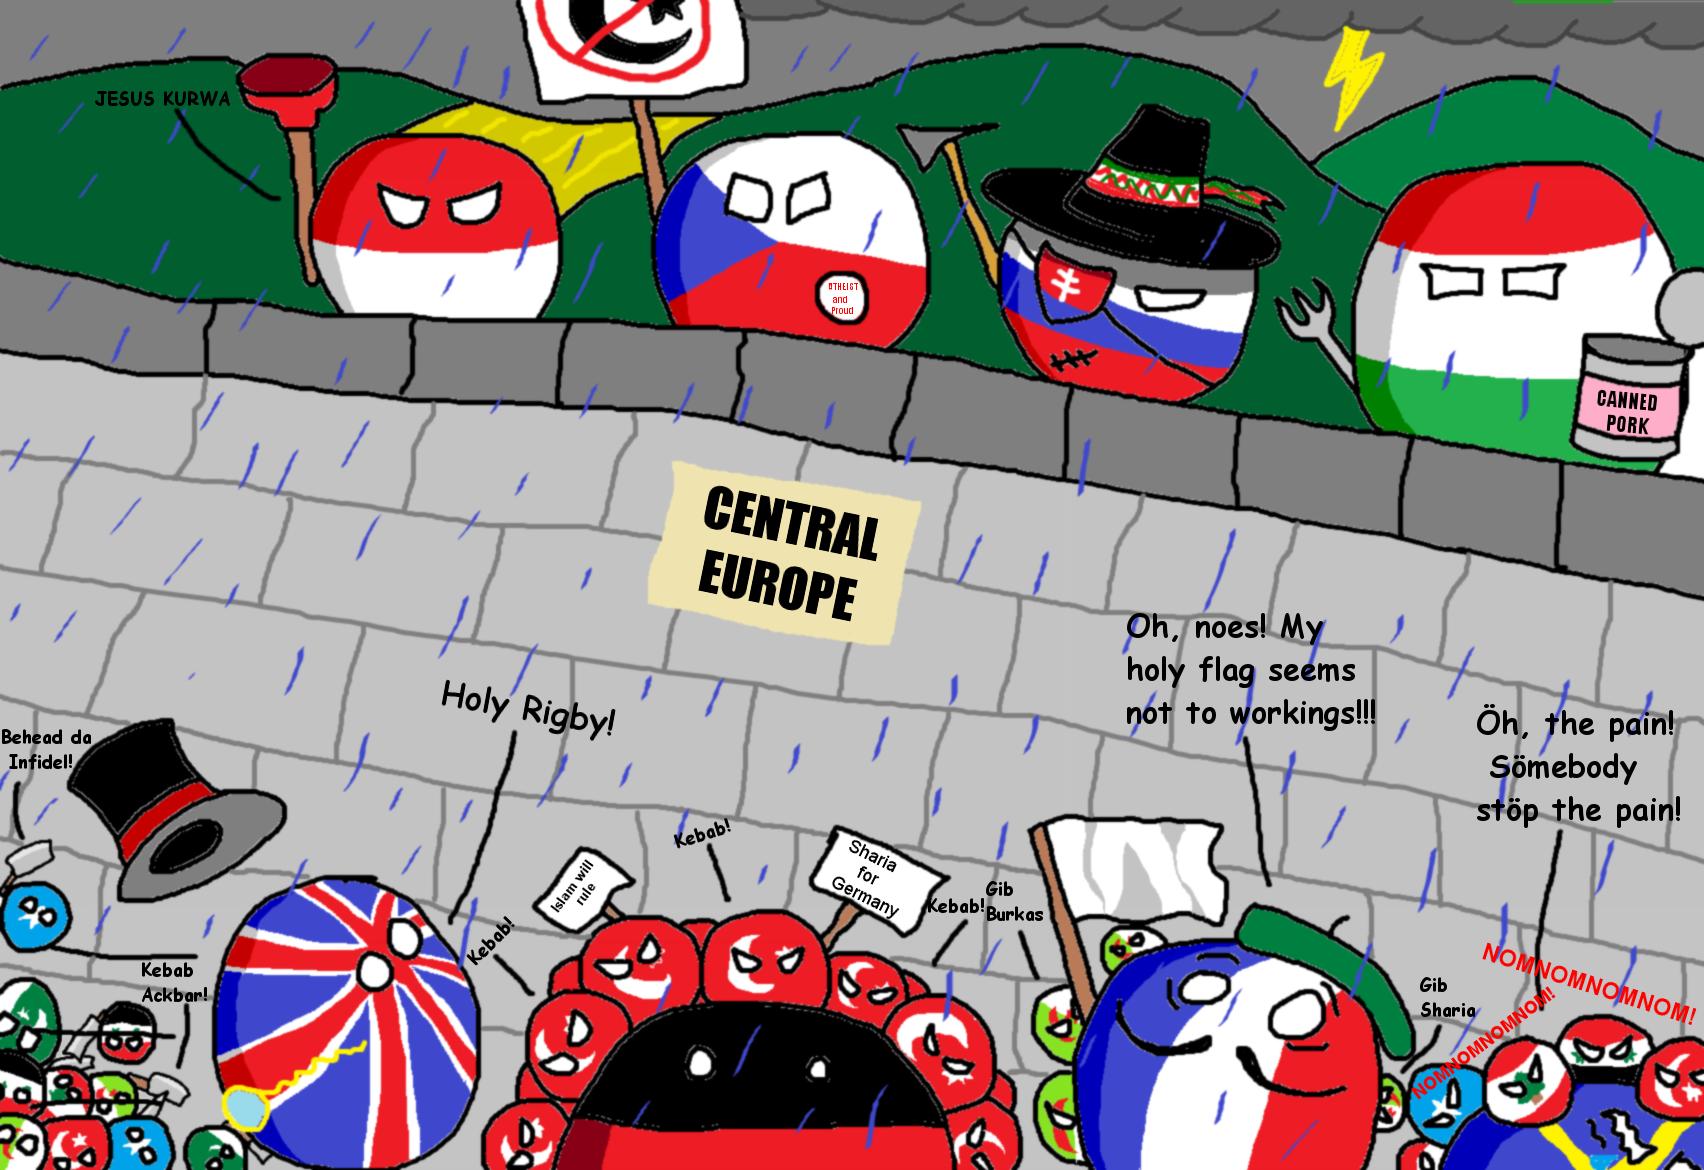 Visegrád Groupball